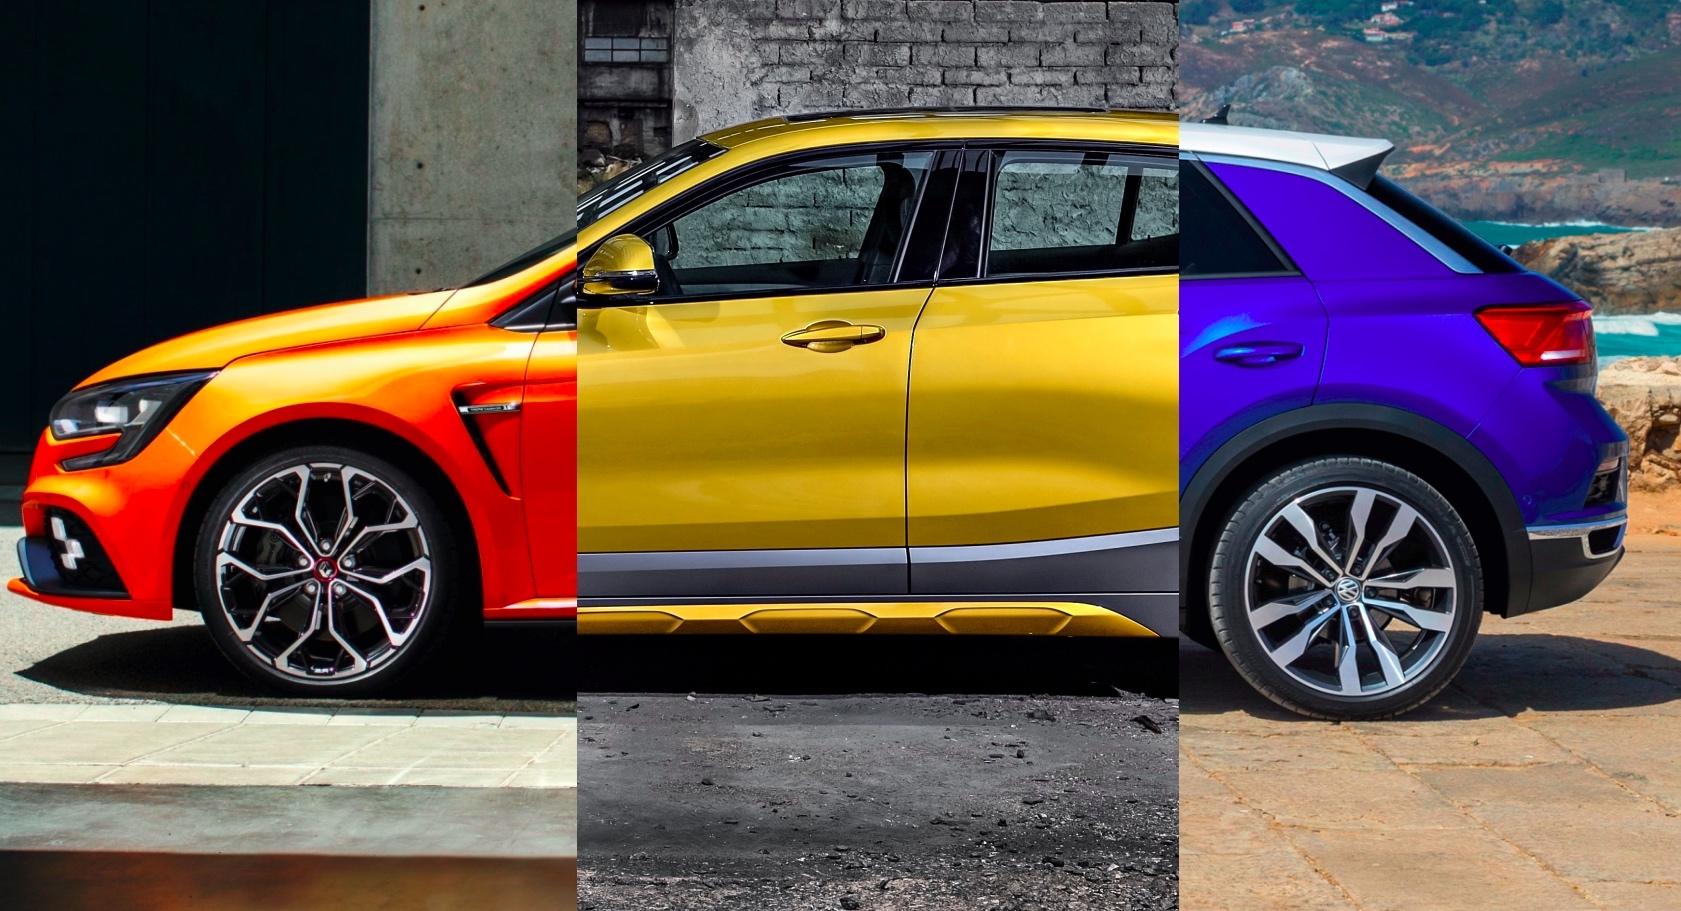 le guide des tendances caradisiac quoi ressemblera la voiture que vous ach terez en 2018. Black Bedroom Furniture Sets. Home Design Ideas